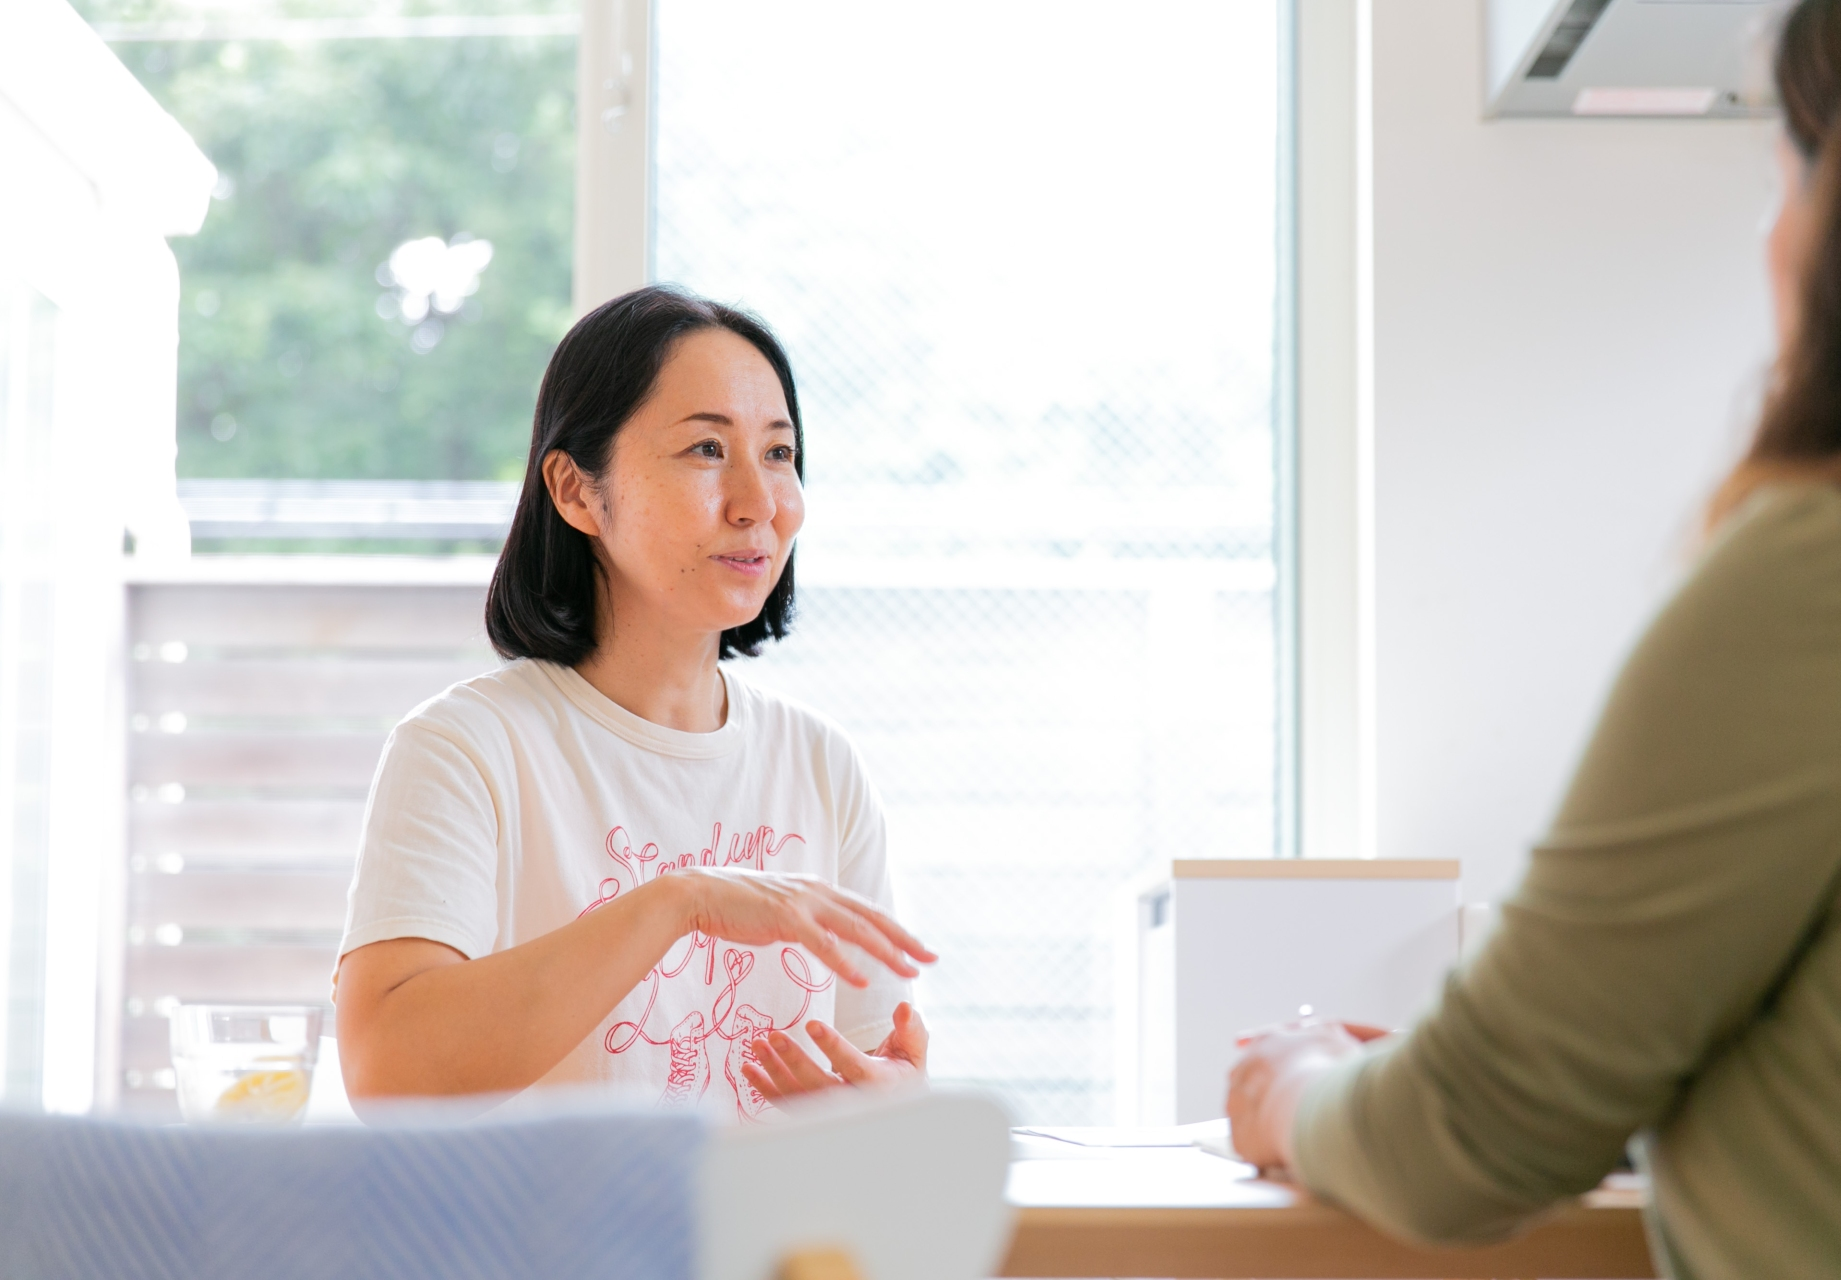 実験台は、自分の体。産後ケアからシングルマザー支援まで「すべての母を幸せにする」吉岡マコさんの決意